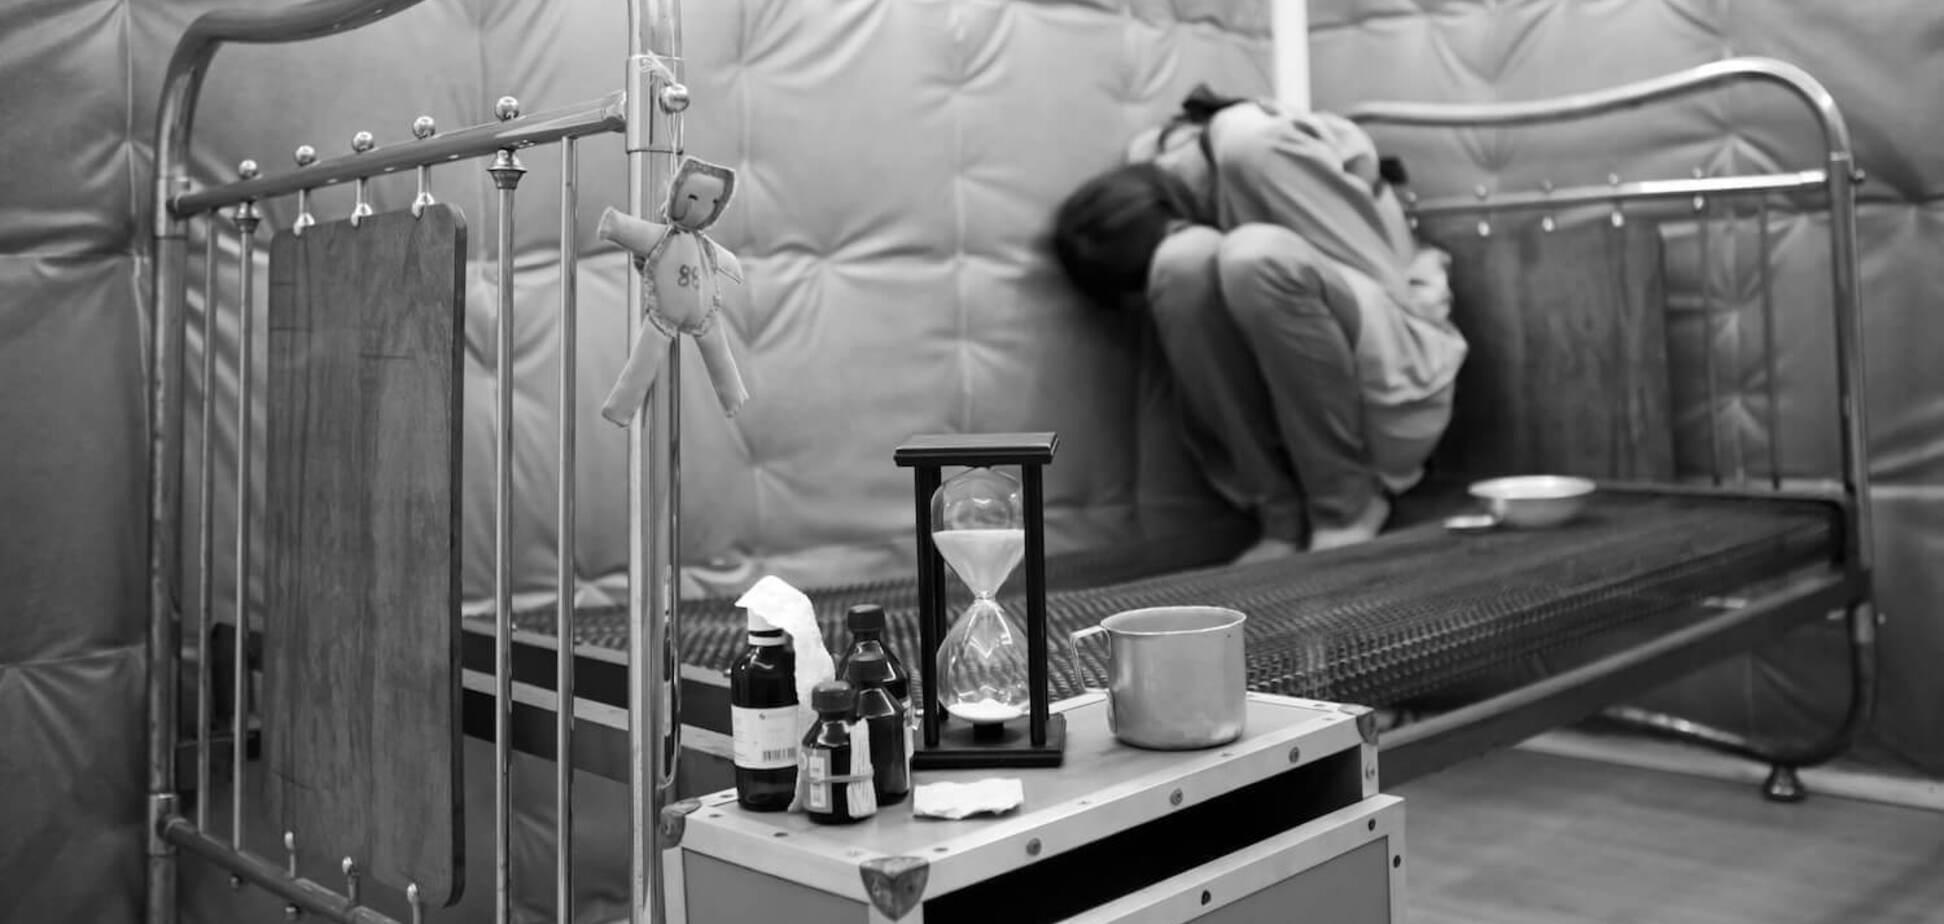 На Днепропетровщине душевнобольная женщина совершила жестокое убийство